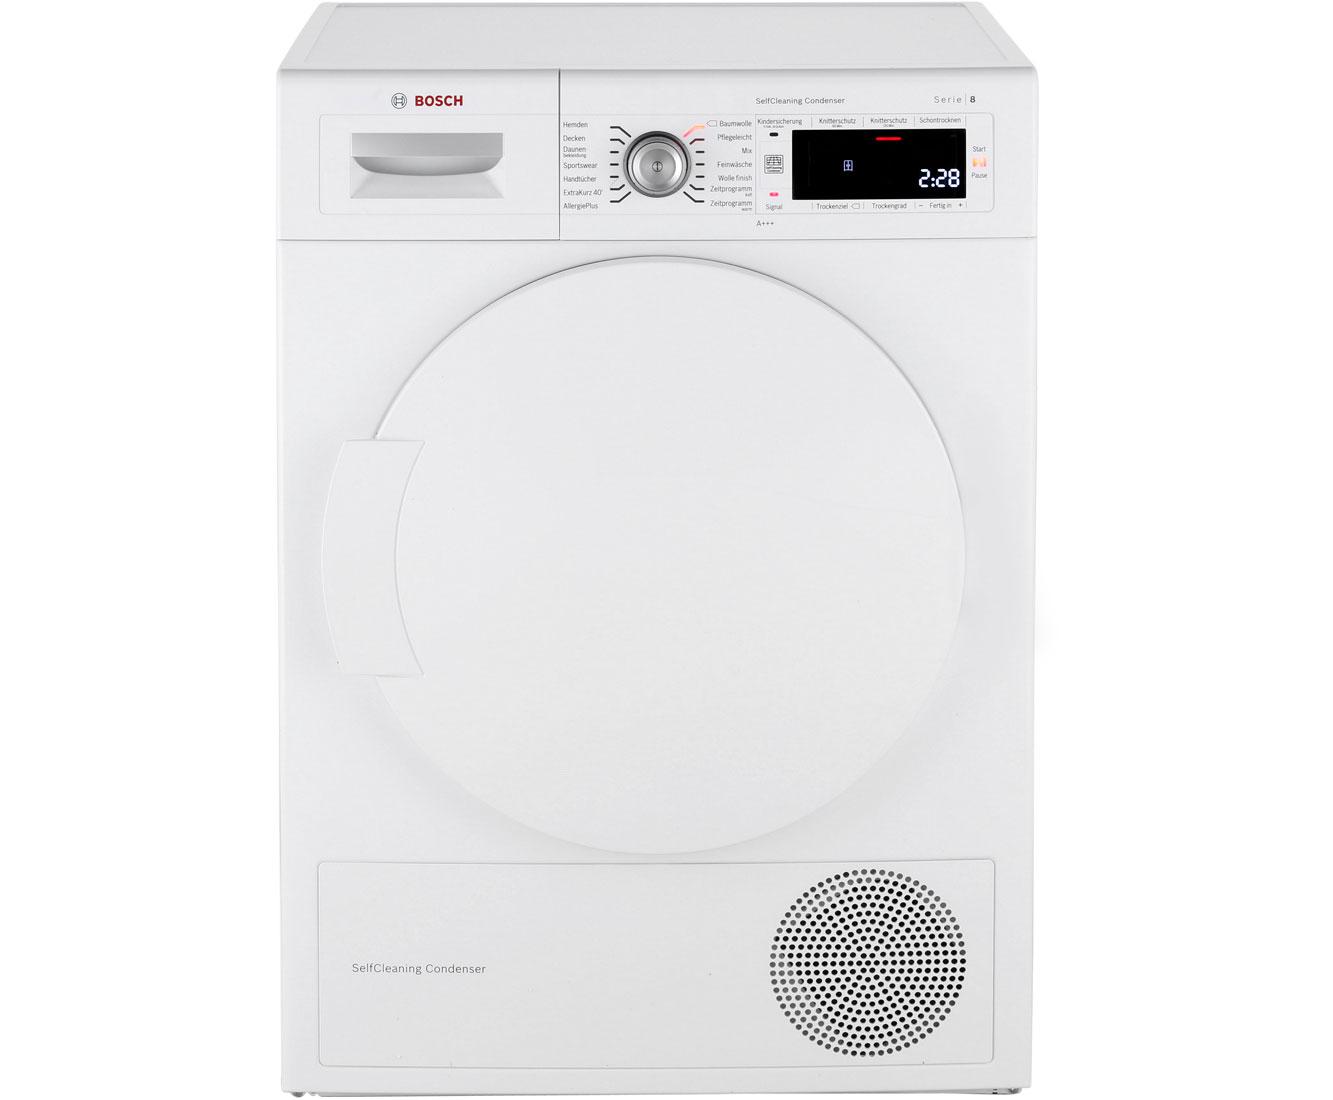 Bosch Serie 8 WTW845W0 Wärmepumpentrockner - Weiss | Bad > Waschmaschinen und Trockner | Weiss | Bosch